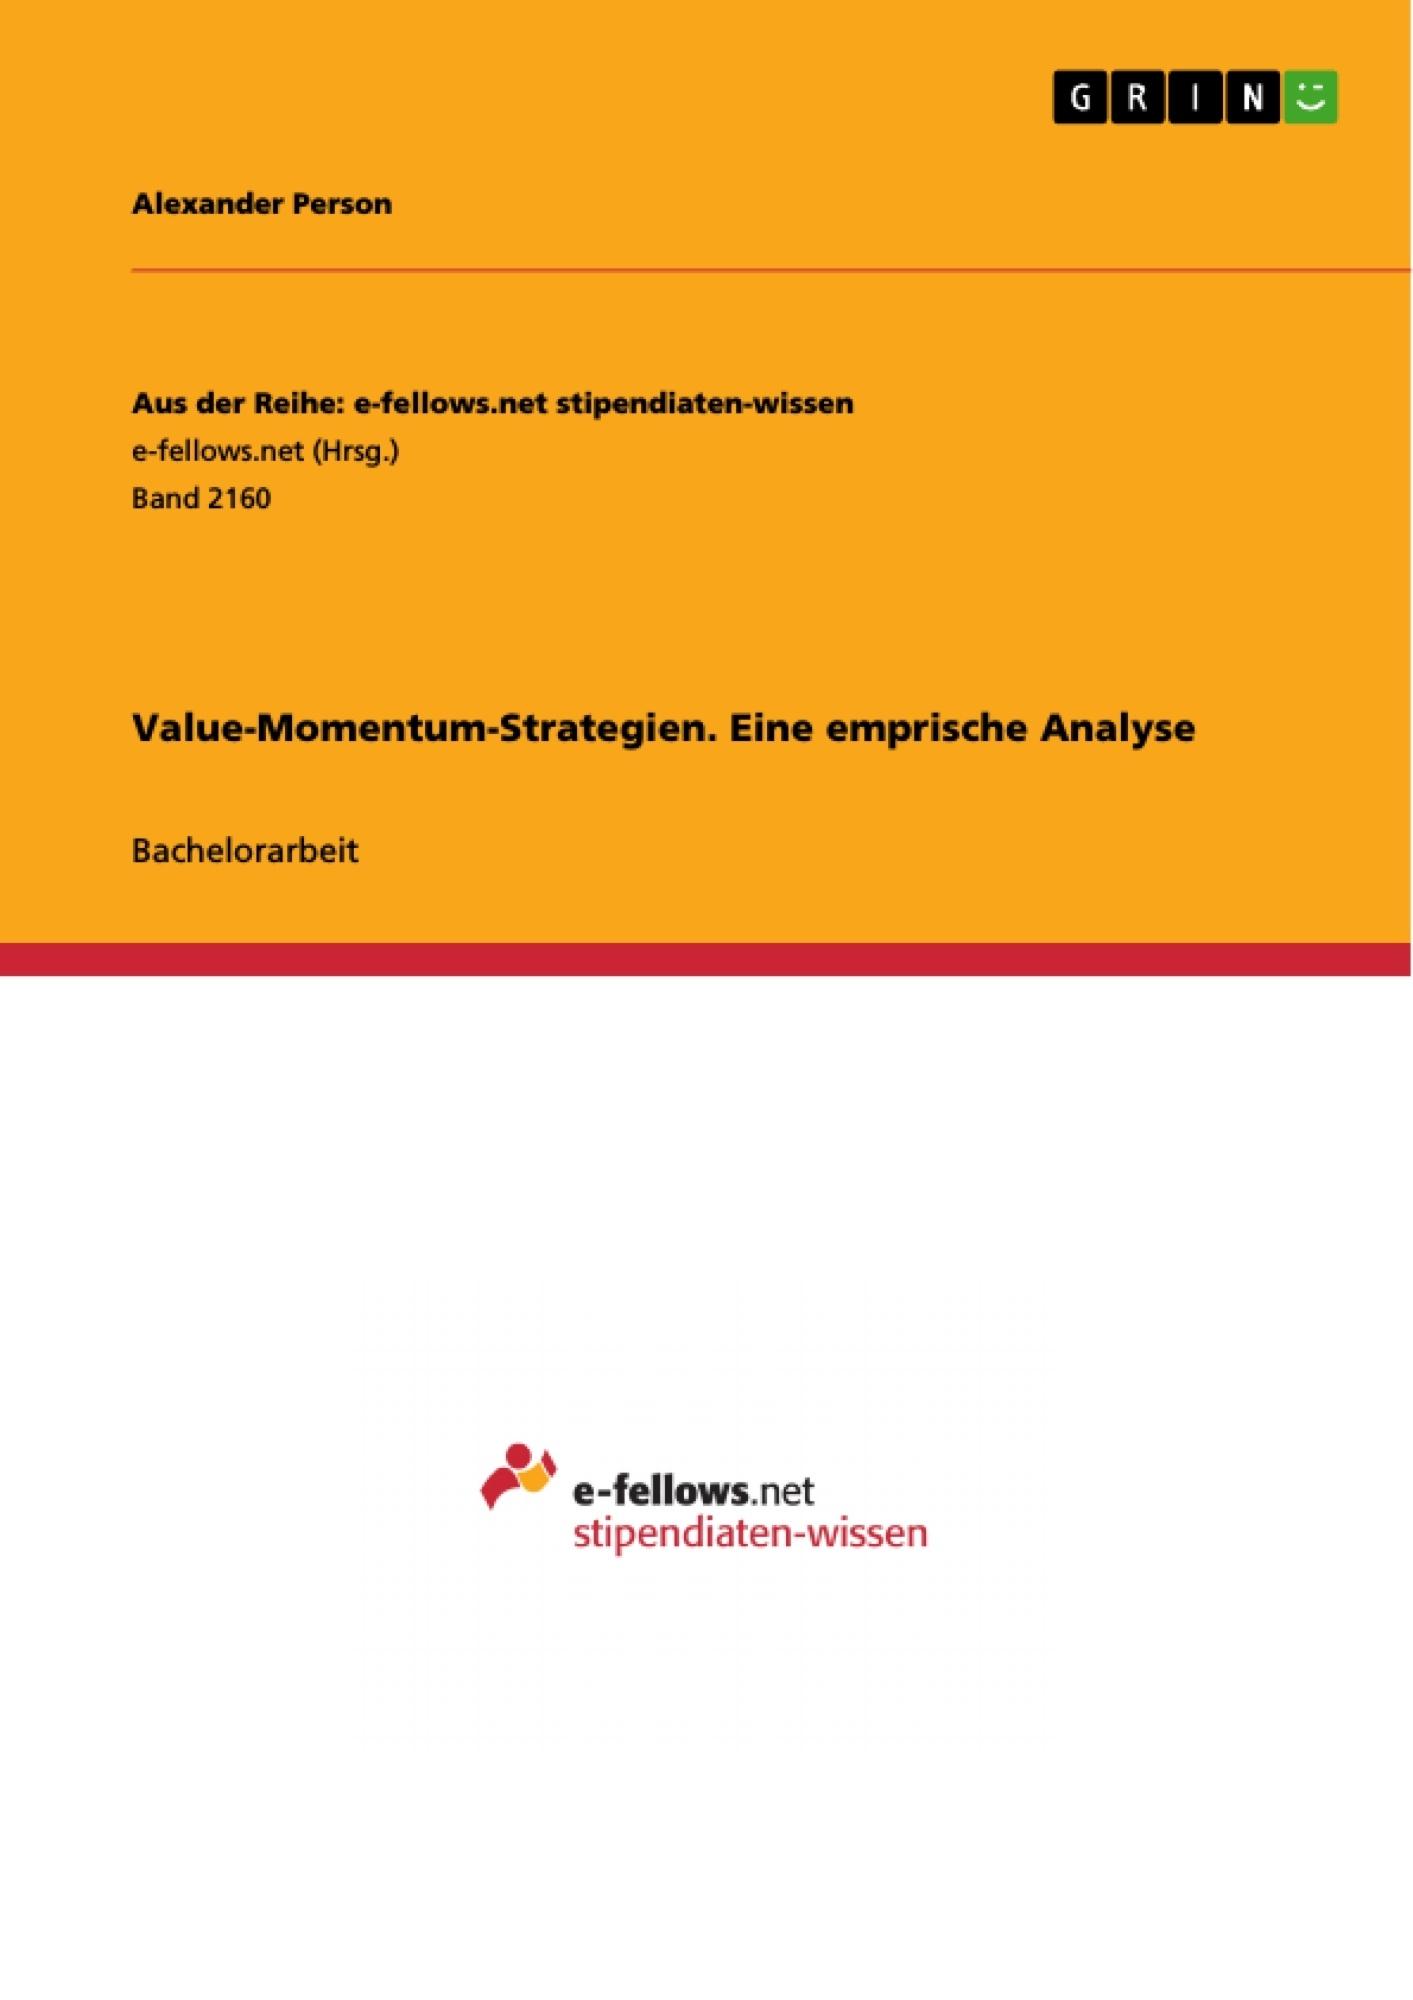 Titel: Value-Momentum-Strategien. Eine emprische Analyse